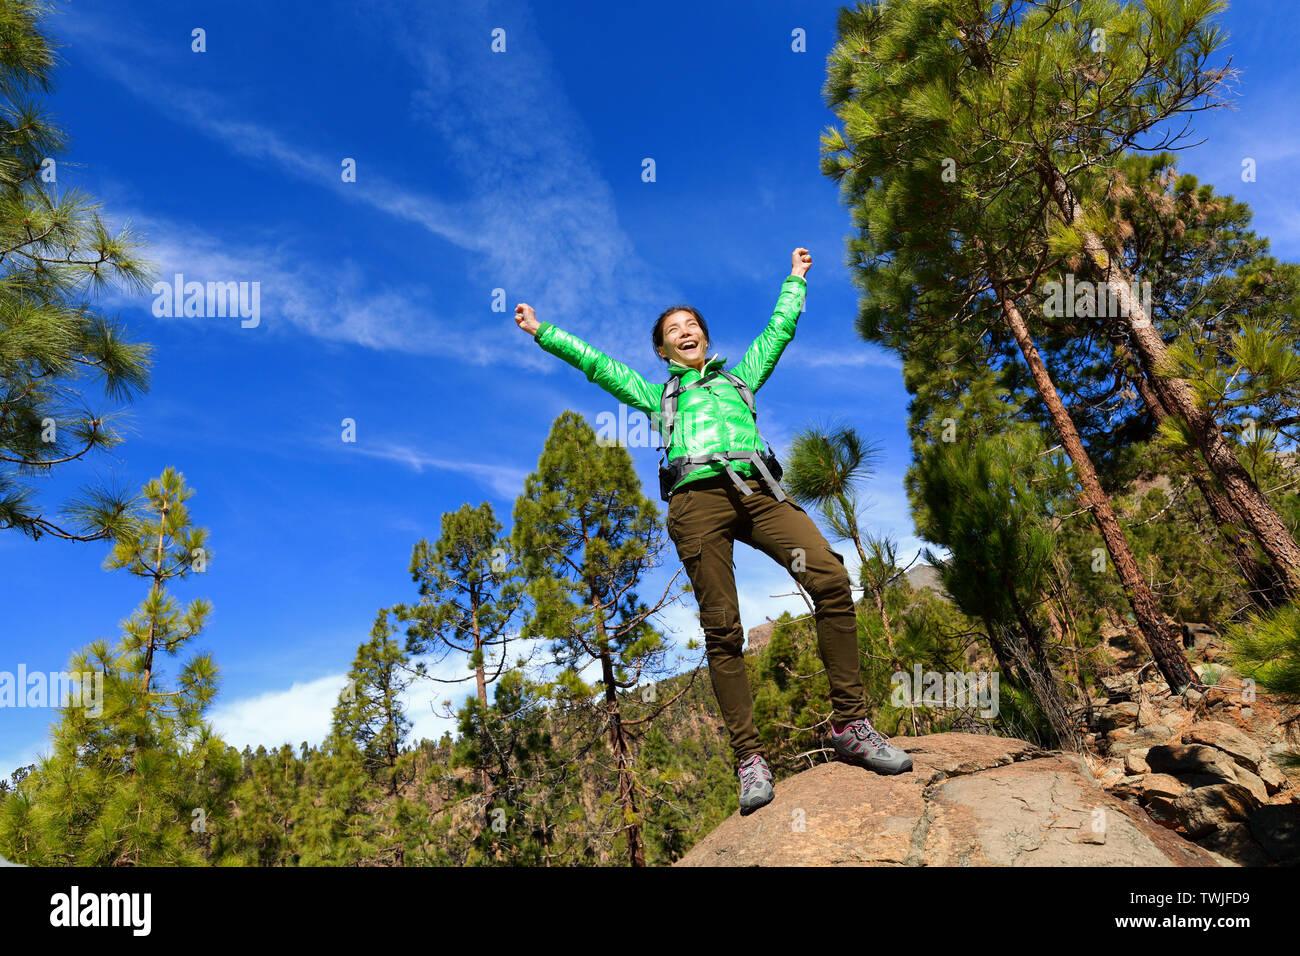 Randonnées woman reaching haut sommet cheering célébrant en montagne avec les bras tendus vers le ciel. Happy female hiker. Banque D'Images